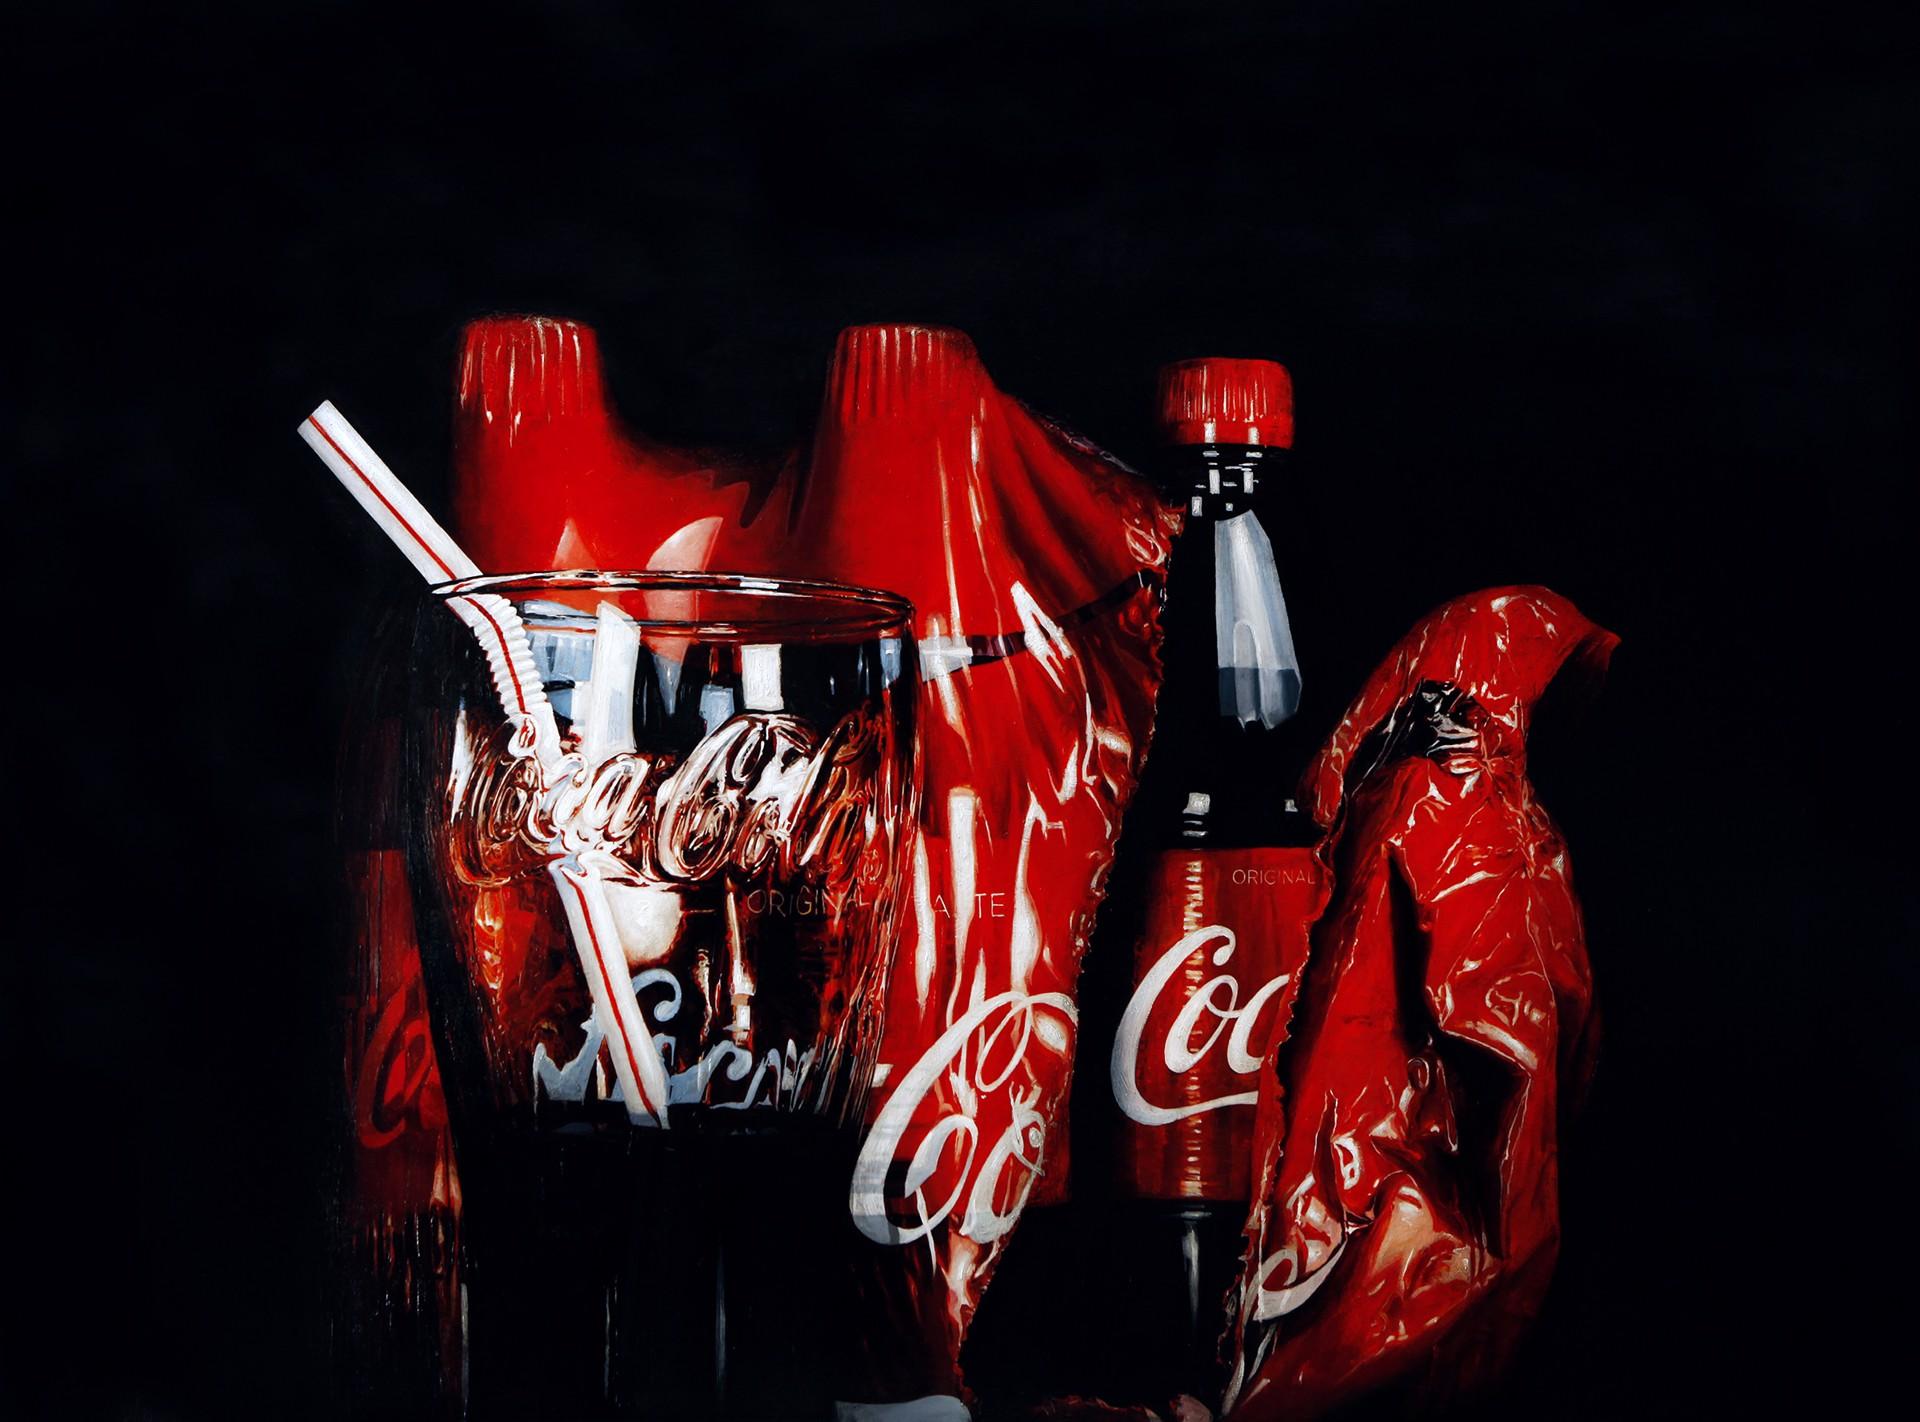 Coca Cola by Alexander Sheversky